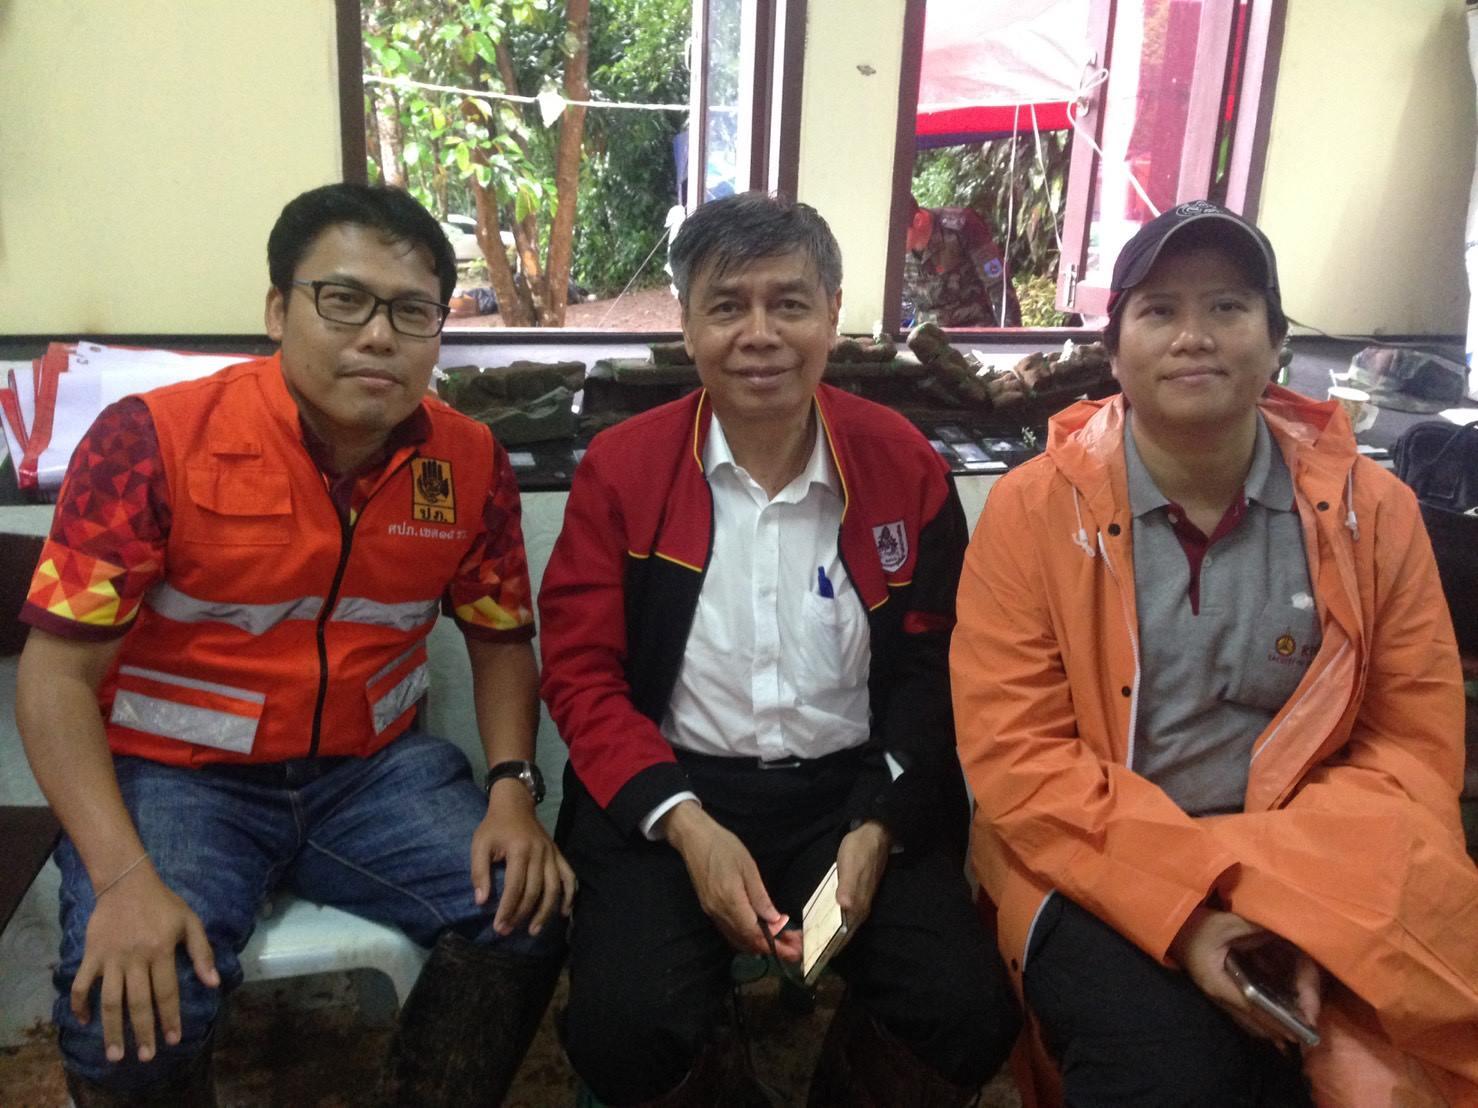 ดร.ธเนศ วีระศิริ นายกวิศวกรรมสถานแห่งประเทศไทยฯ  อ.ณัฐพล จันทร์แก้ว อาจารย์ภาควิชาวิทยาศาสตร์และเทคโนโลยี ม.ธรรมศาสตร์ได้ร่วมลงพื้นที่ถ้ำขุนนางนอน จ.เชียงราย ร่วมกับงานกรมป้องกันและบรรเทาสาธารณภัย (ปภ.เขต 15 เชียงราย)